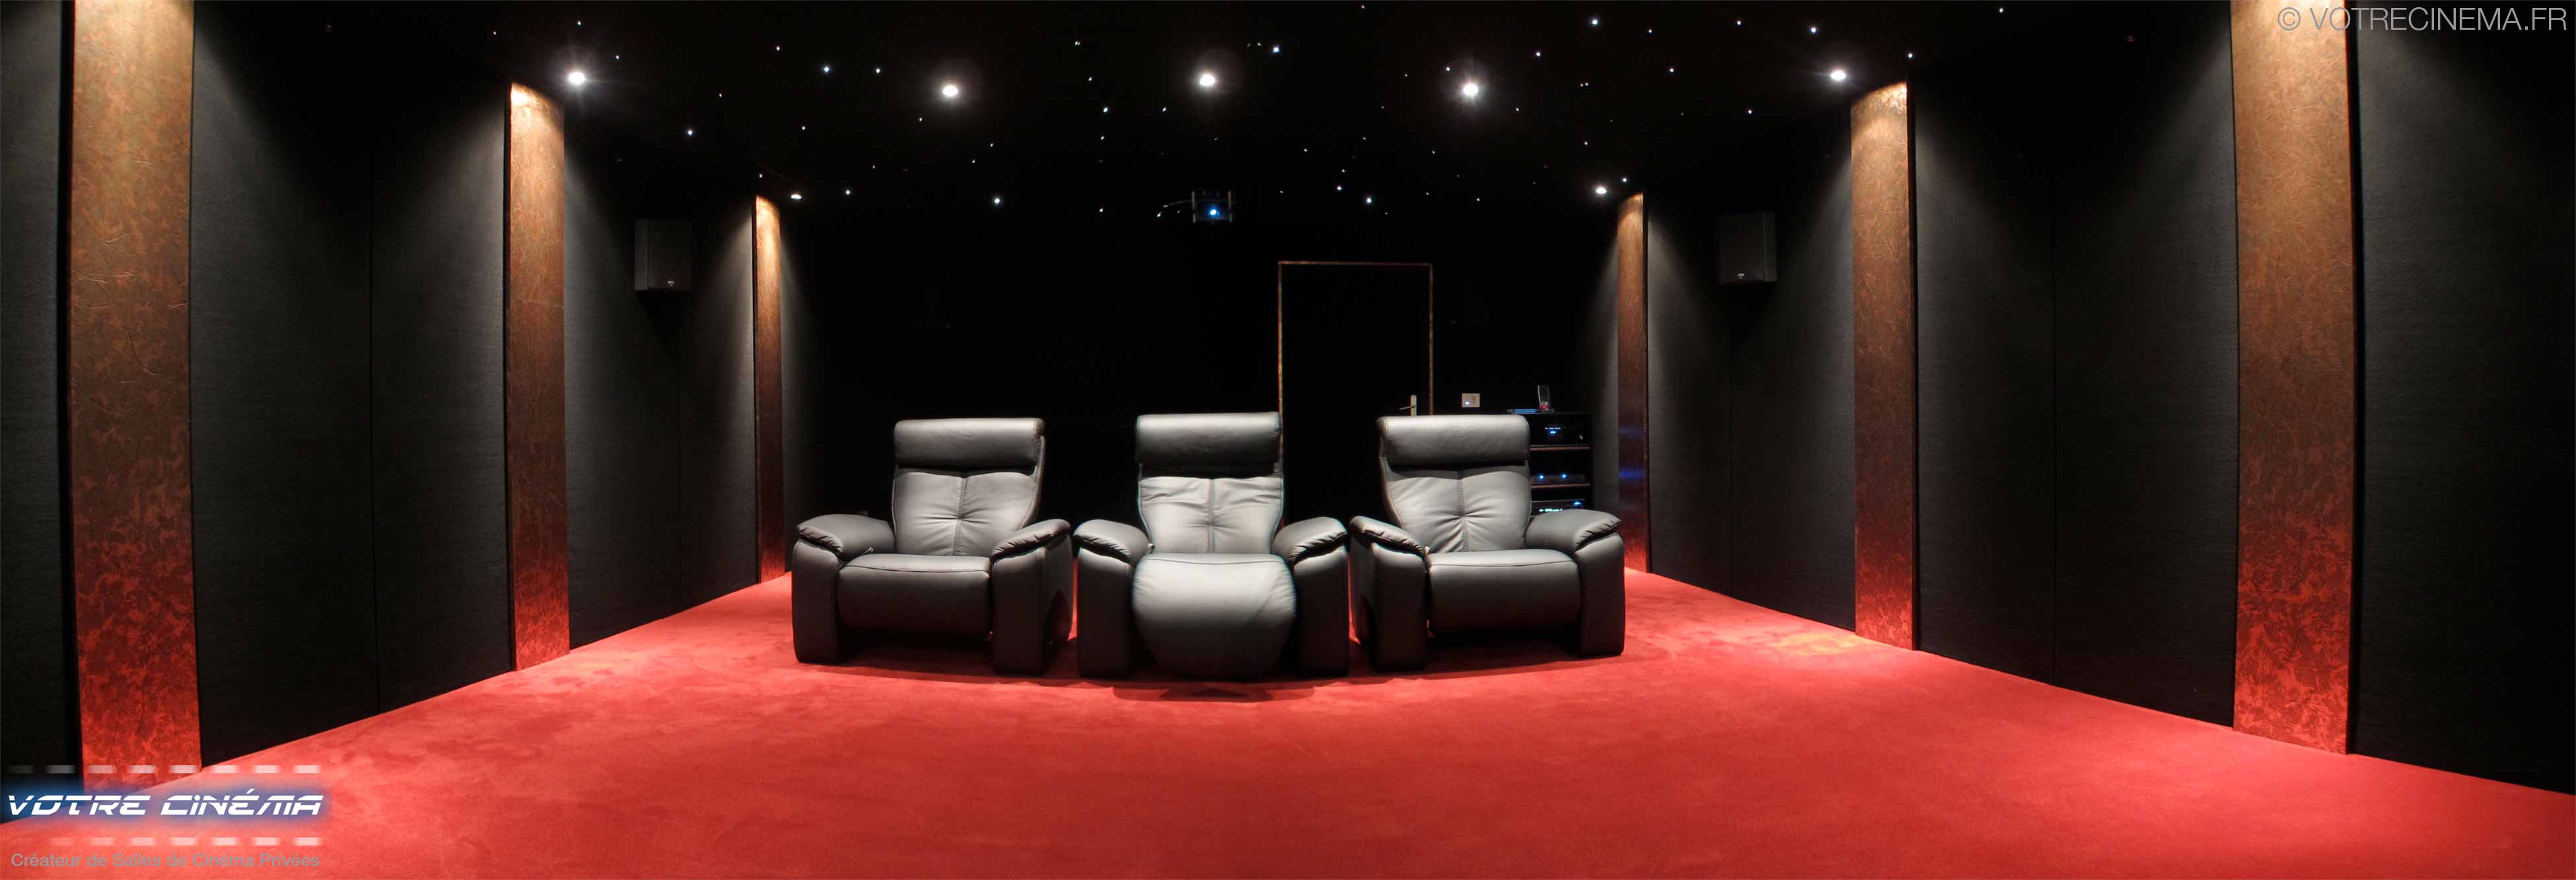 Installateur home cinéma Toulouse